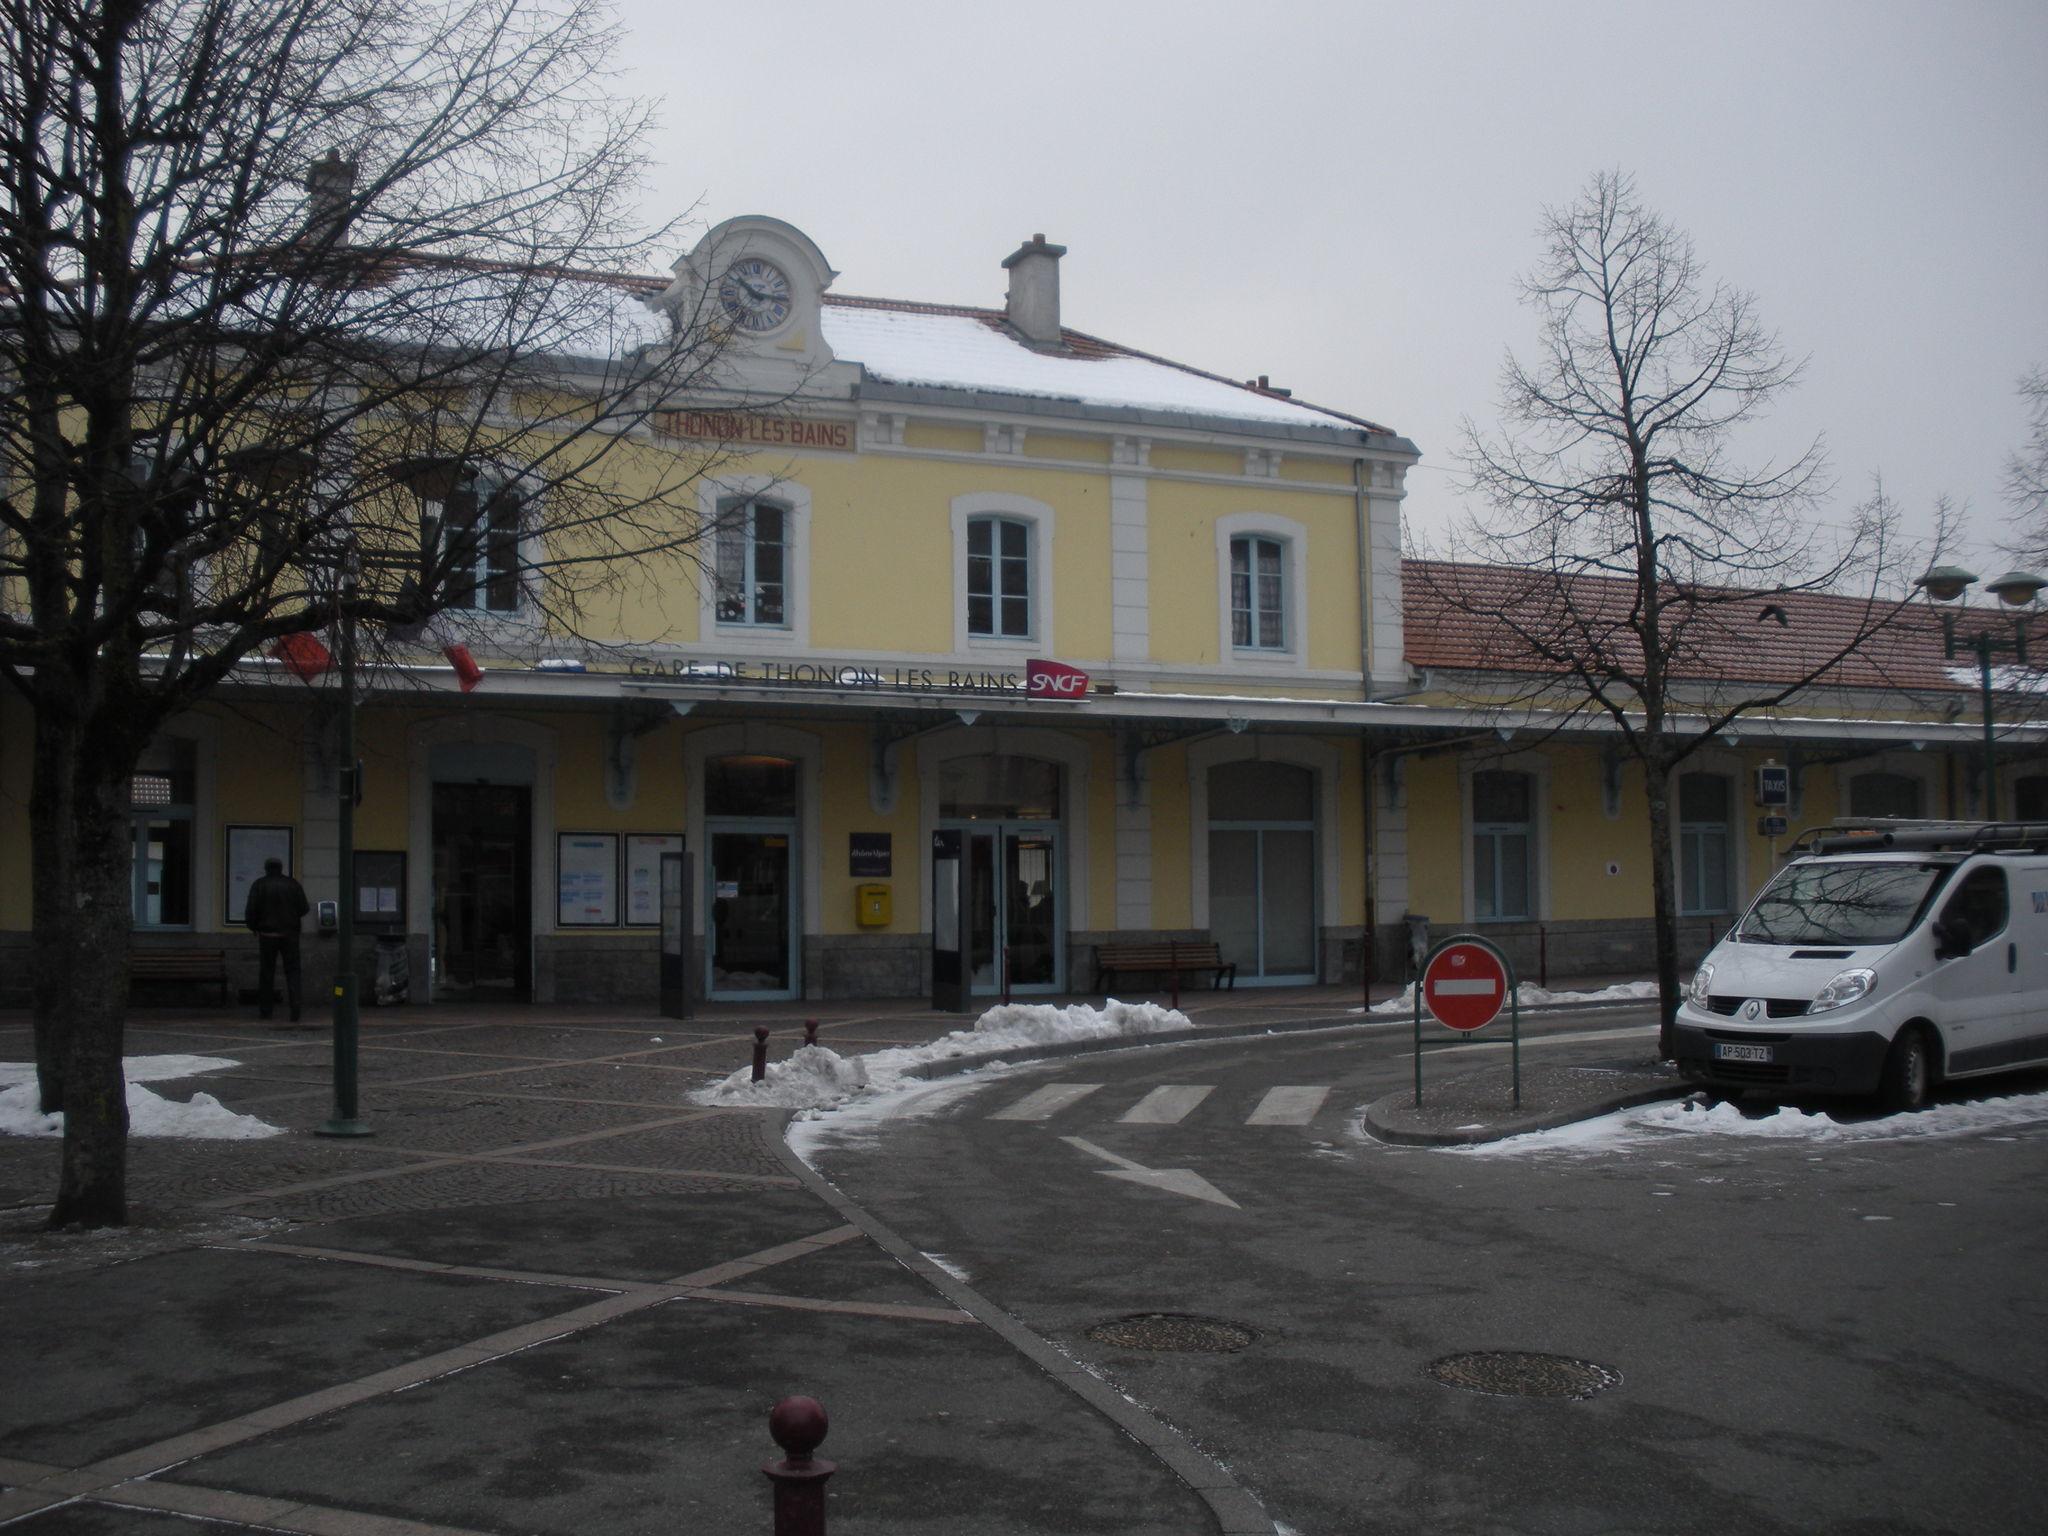 Thonon les bains (Haute-Savoie)2